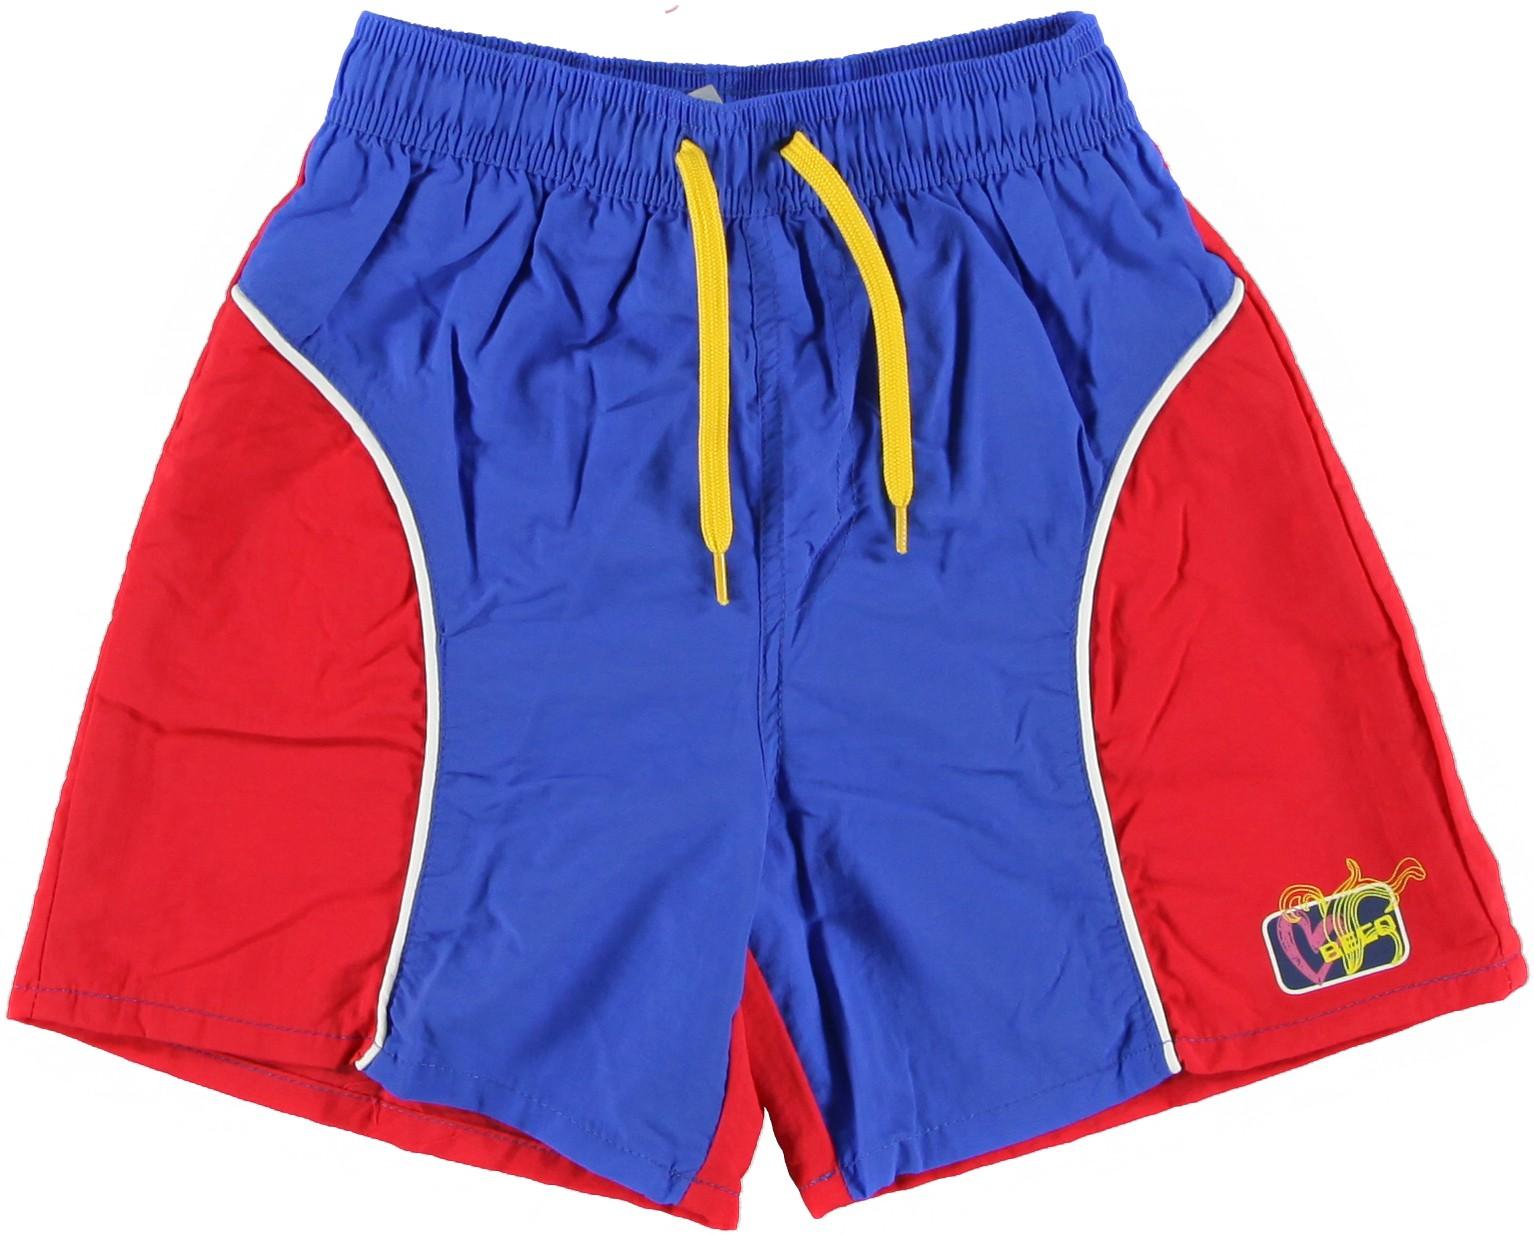 Afbeelding van Beco Rood / zwemshort kids met binnenbroekje blauw